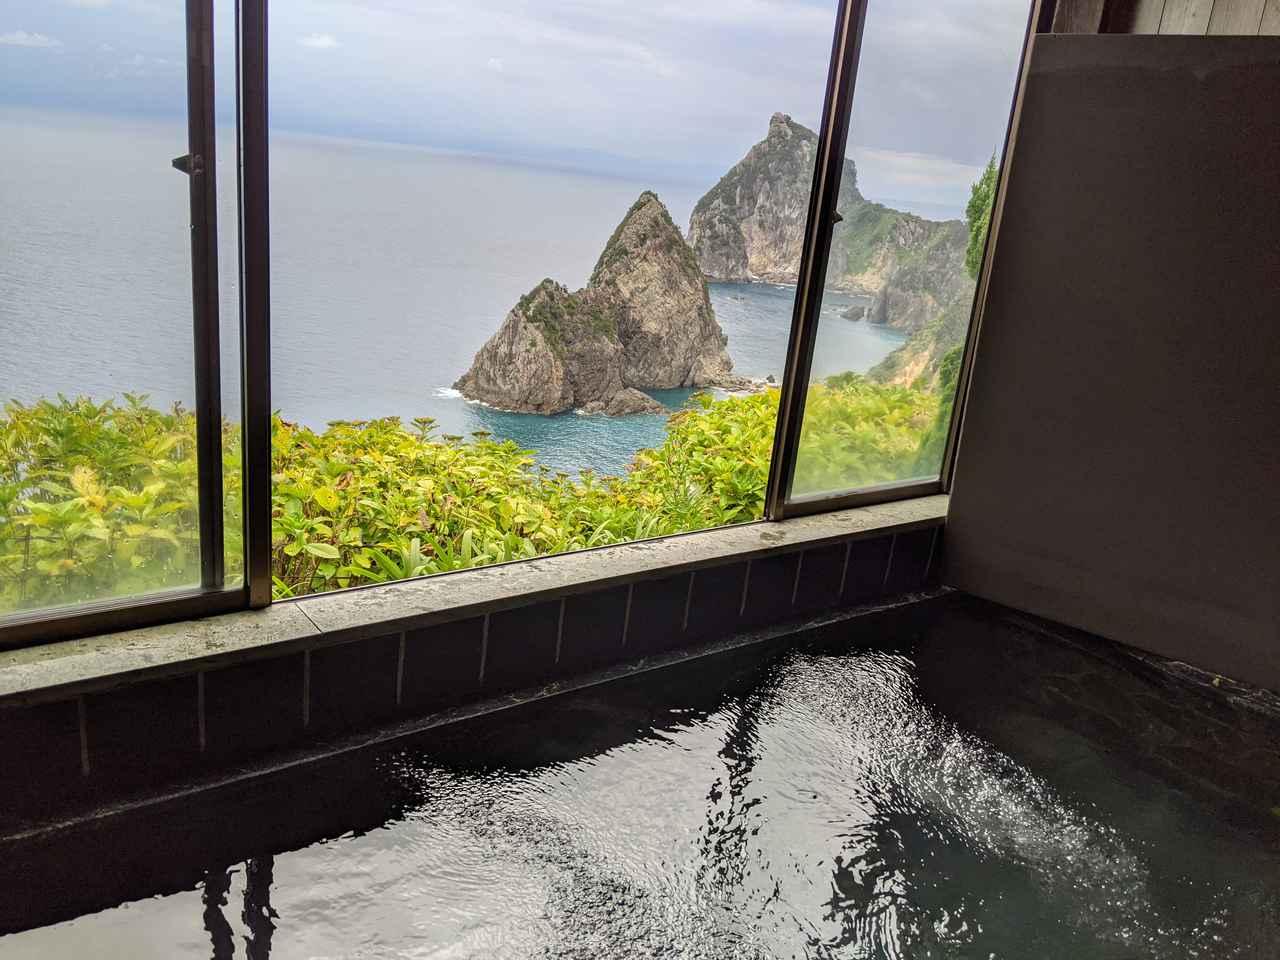 画像: 筆者撮影 窓から絶景が見える風呂が併設されたキャンプ場